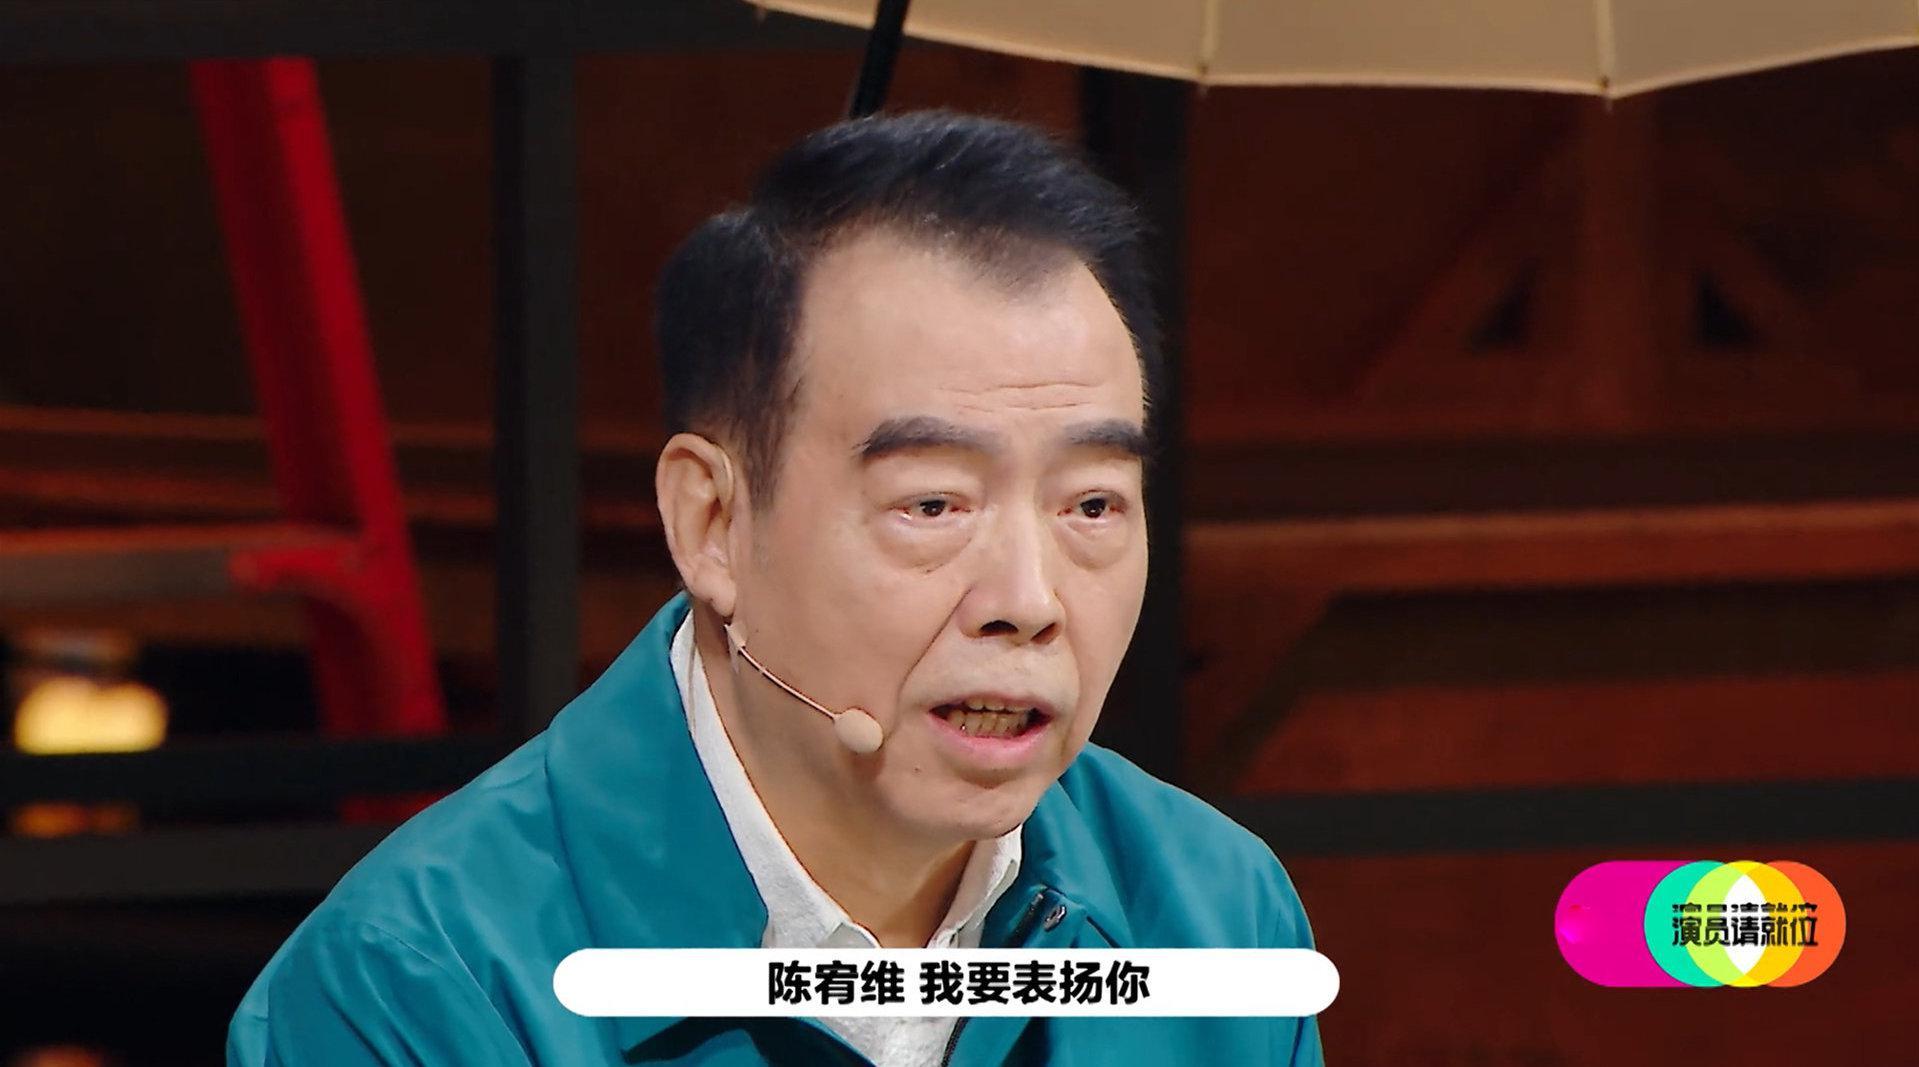 陈宥维甄嬛传被演砸,李成儒暗讽陈凯歌,陈凯歌表扬陈宥维示威